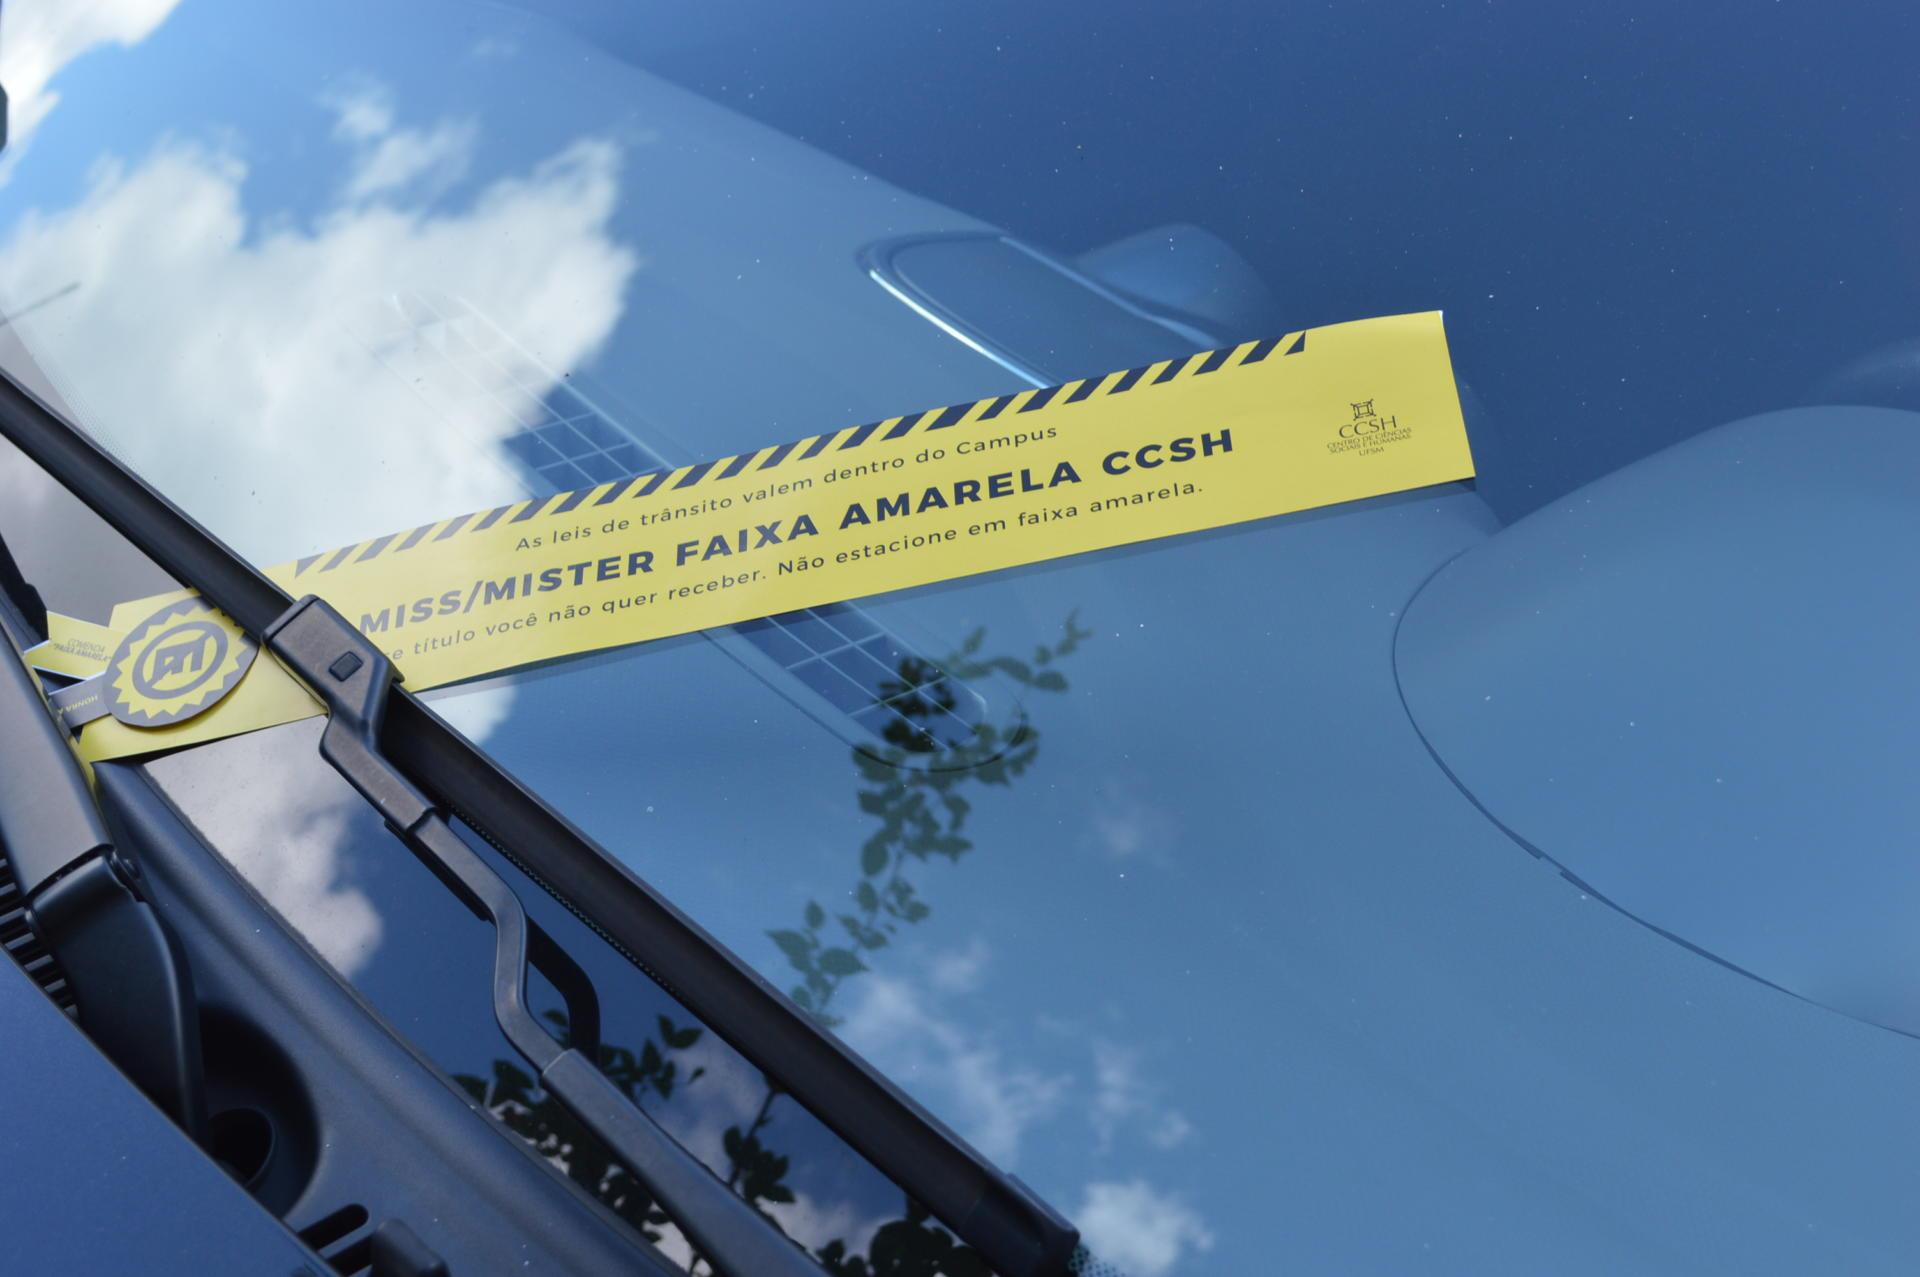 Foto de uma faixa da campanha, em amarelo, colocada sobre o parabrisa de um carro